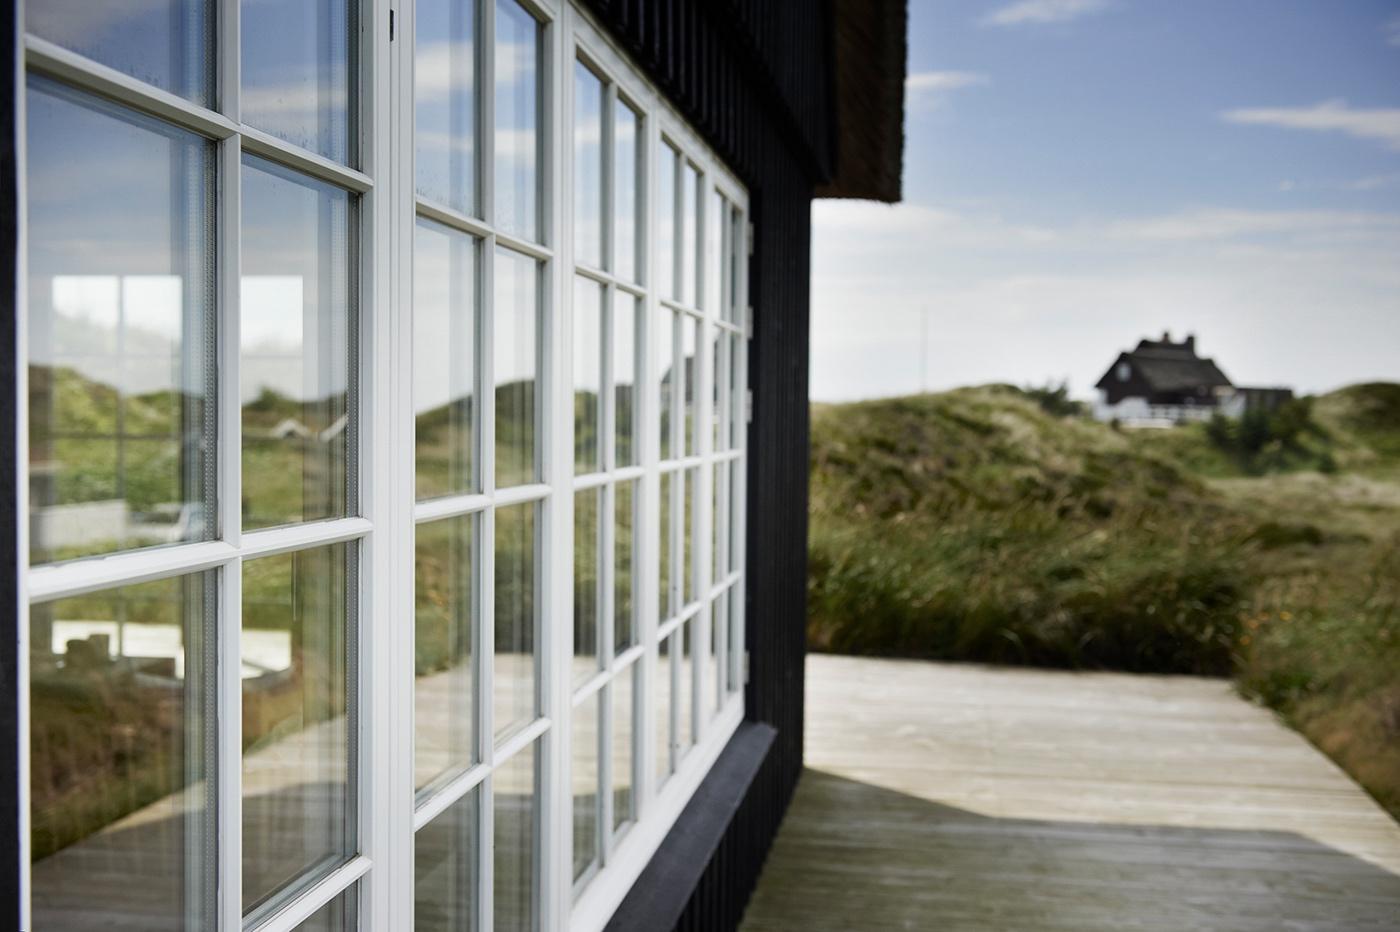 Modernes Sprossenfenster: Dieses dänische Holzfenster ist dreifachverglast. Foto: Outrup/Frovin